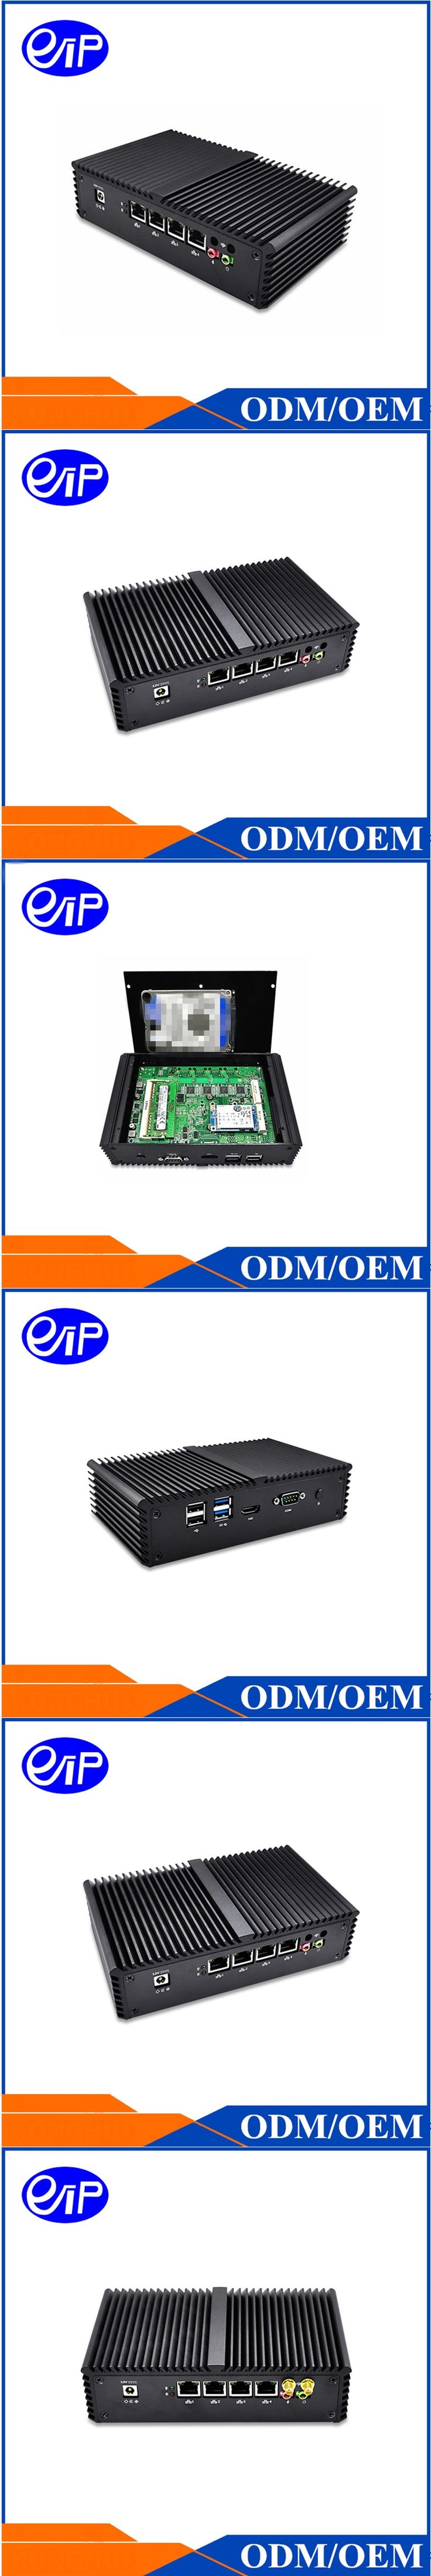 Cheap Desktop Mini PC computer Intel Celeron 3215u 1.7 GHz Dual core 8G RAM 4USB 4LAN HDD SDD Fanless Mini computer box linux